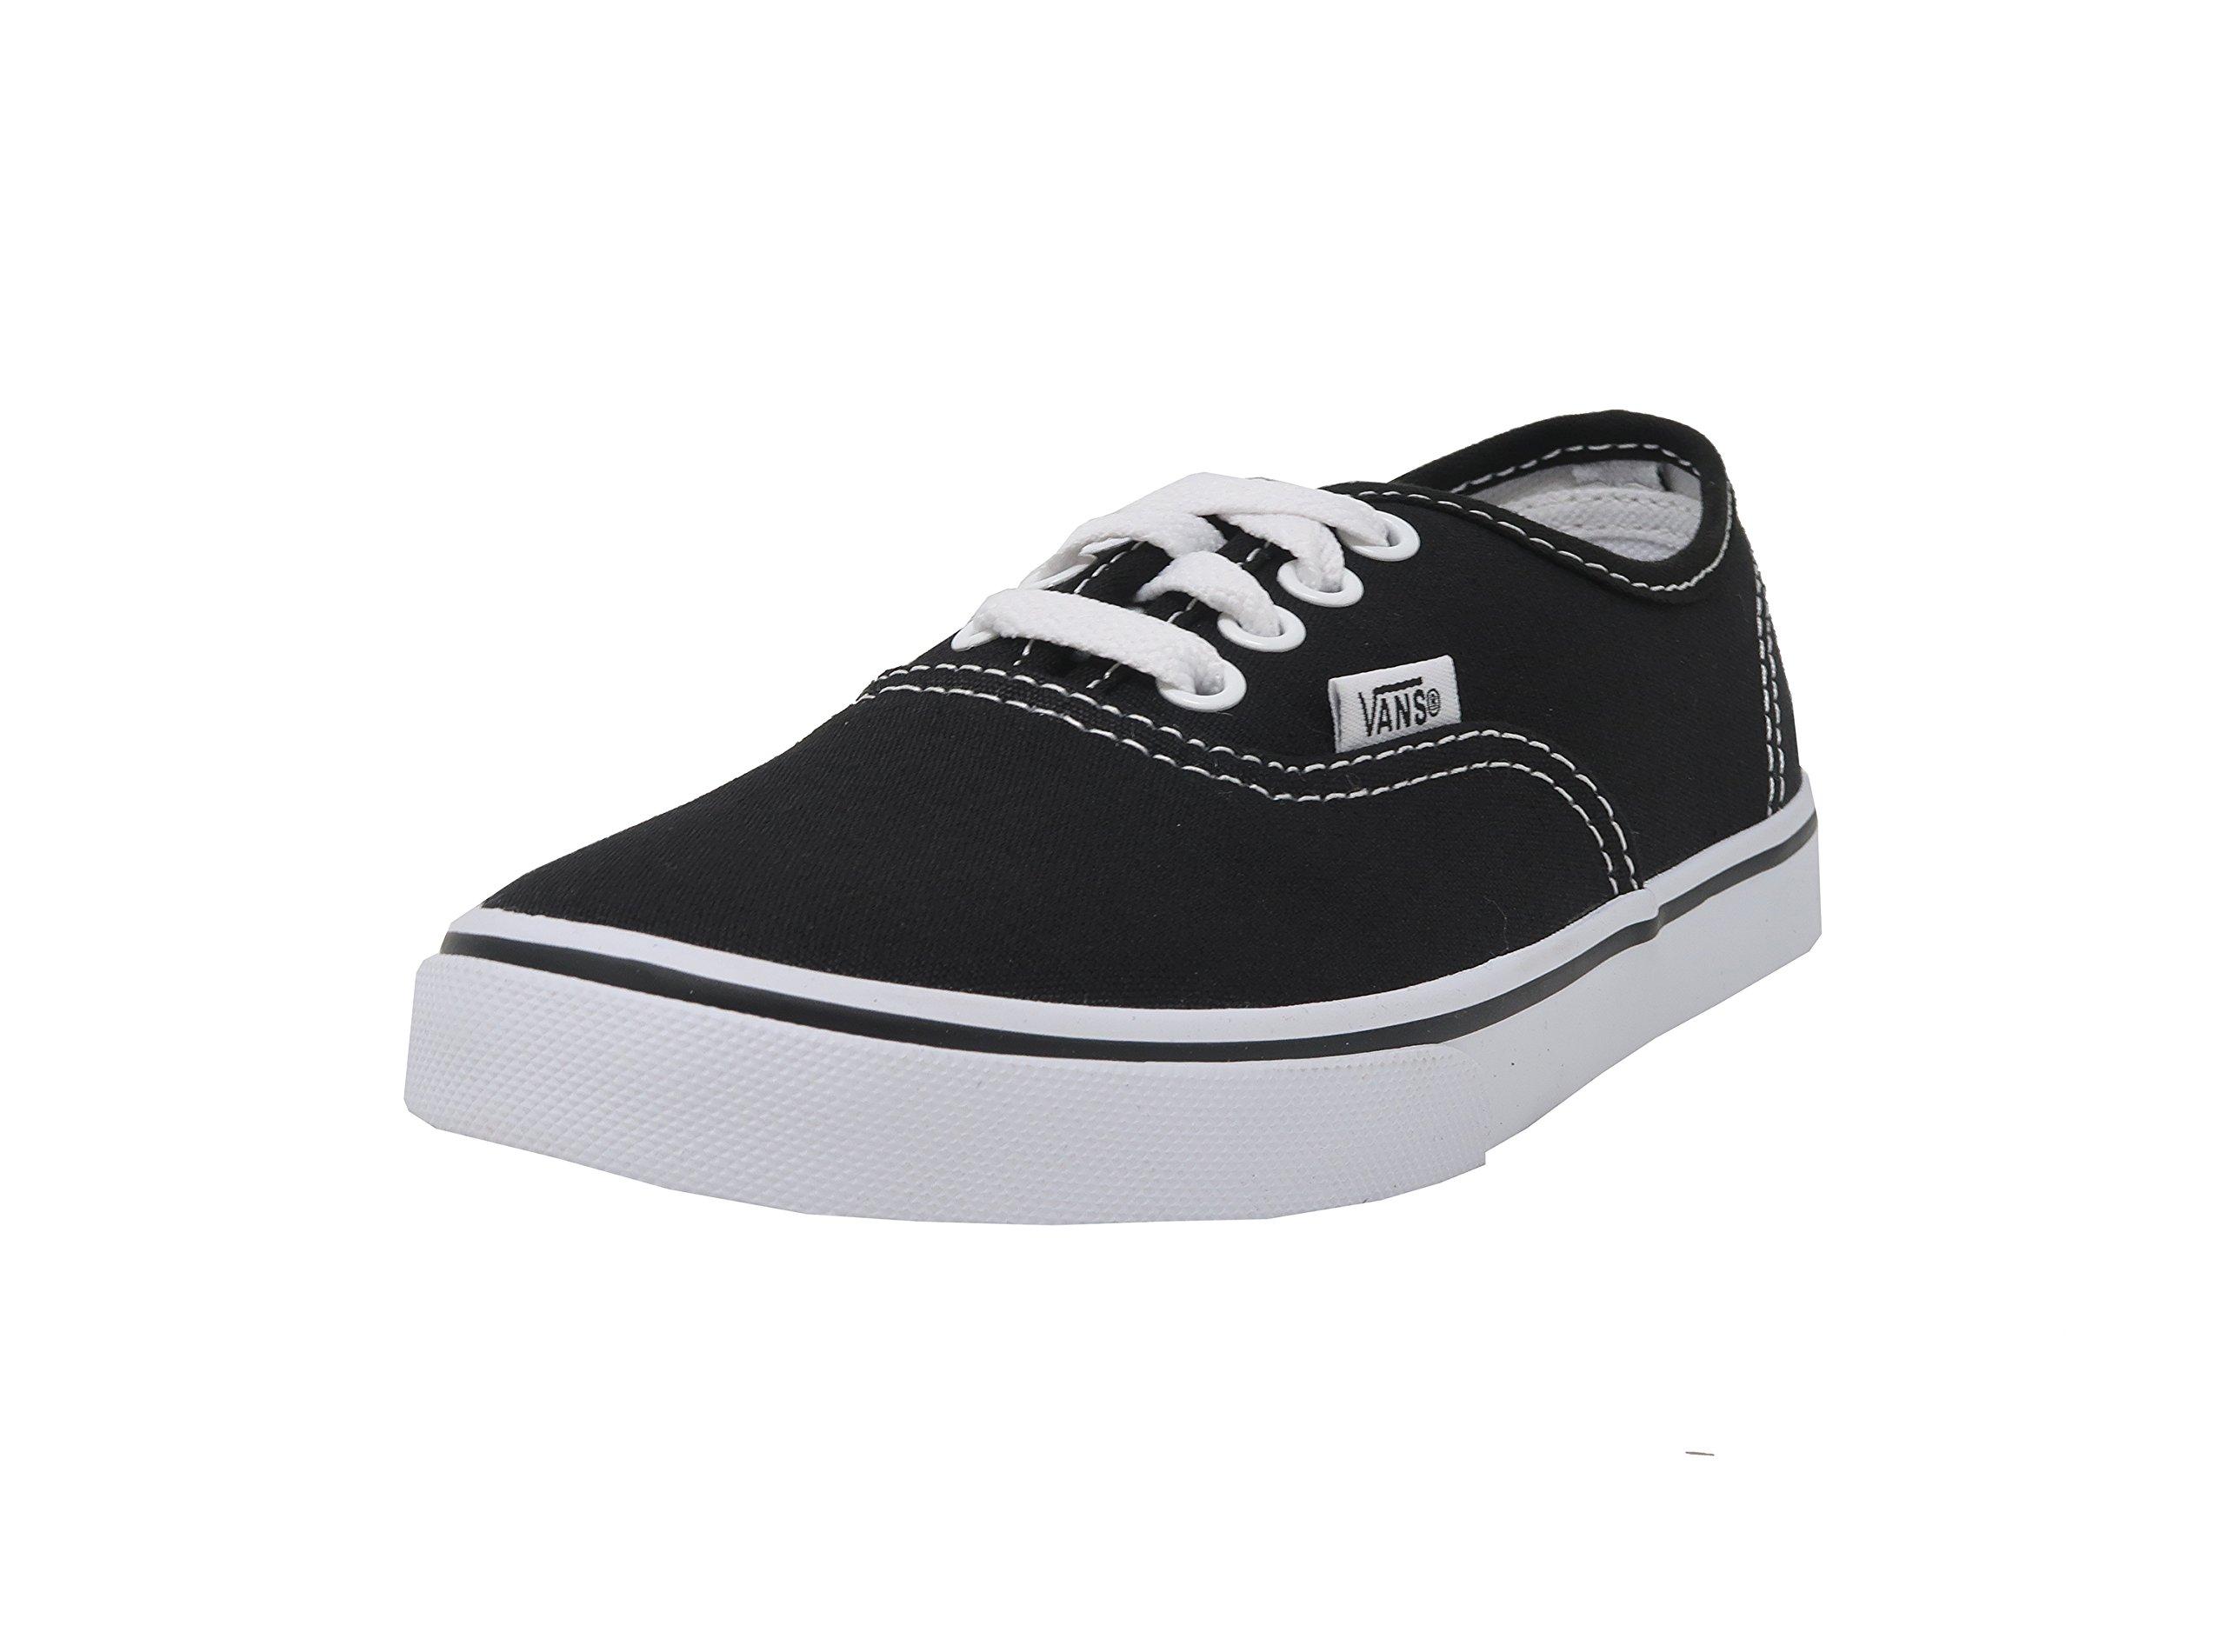 Vans Kids Authentic Lo Pro Casual Shoe Black/White - Little Kid - 11